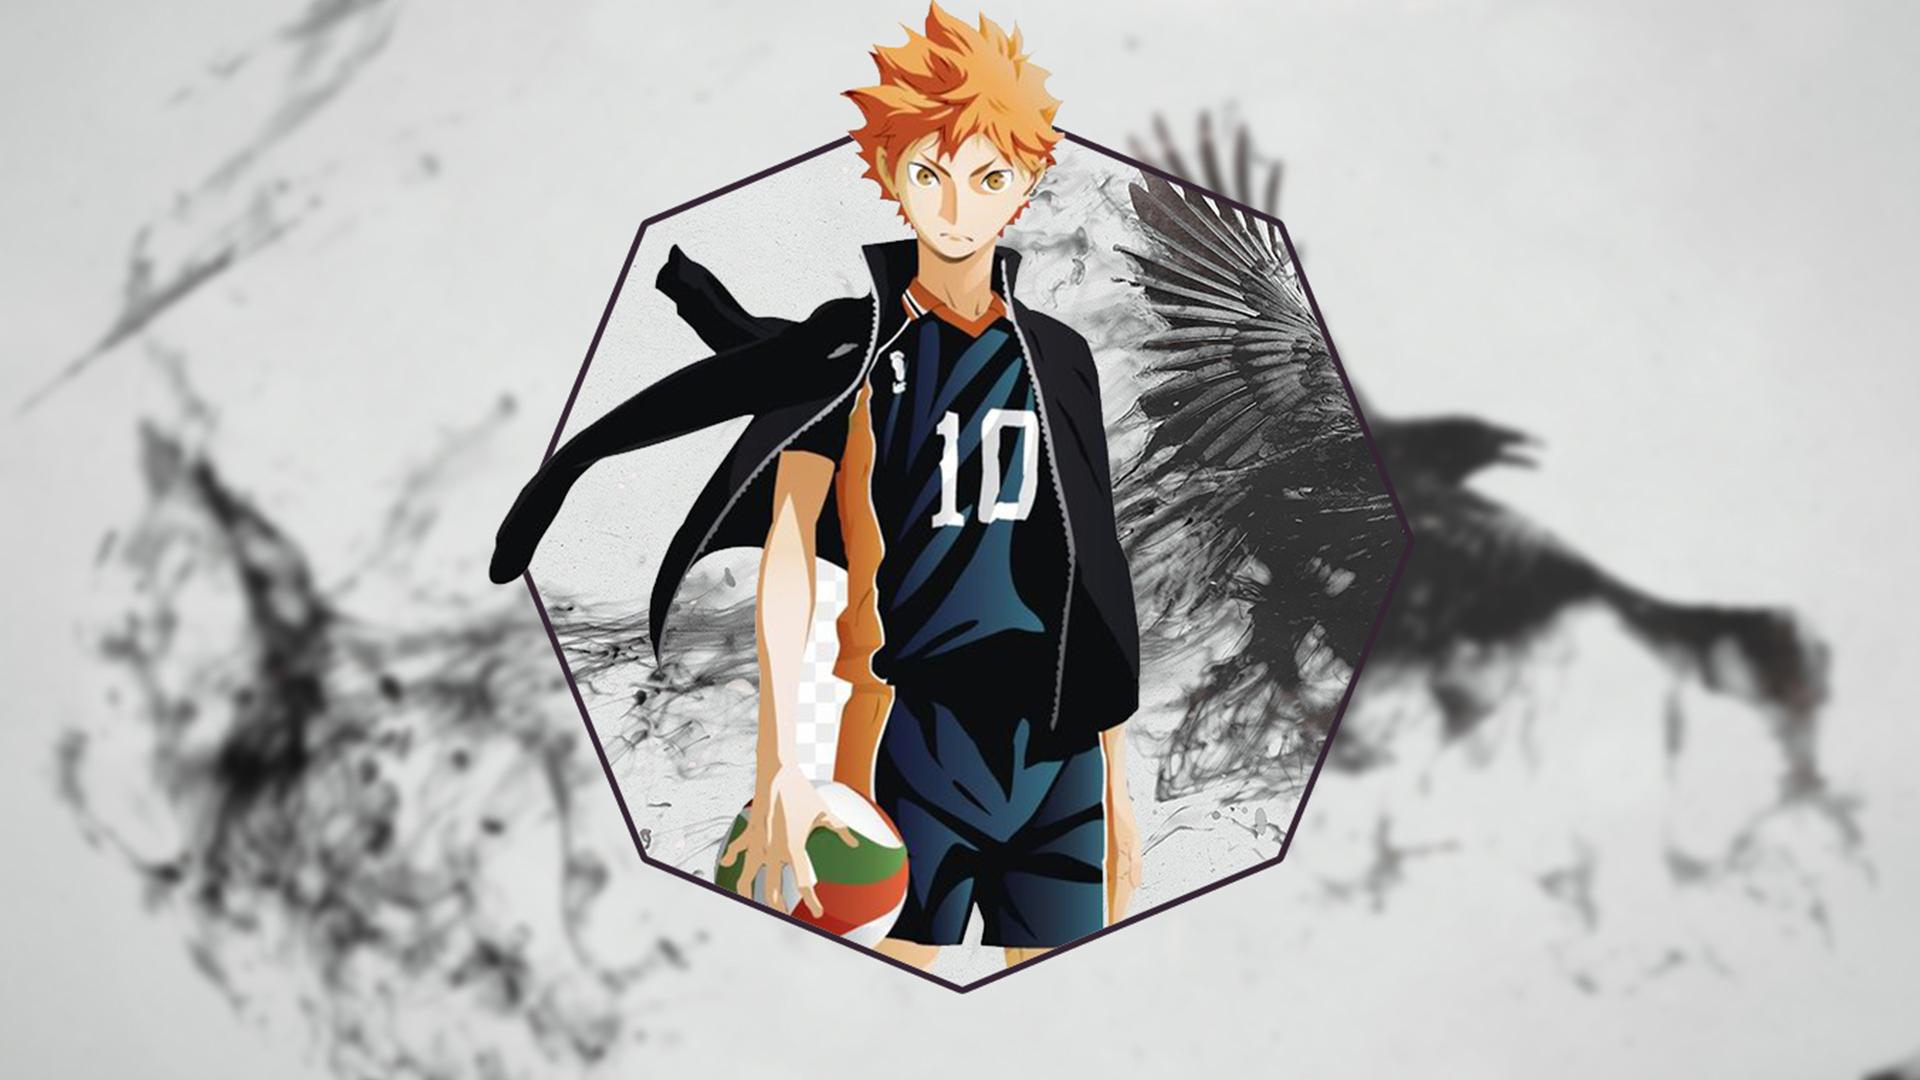 Haikyuu Hinata Shouyou Raven Voleibol 1920x1080